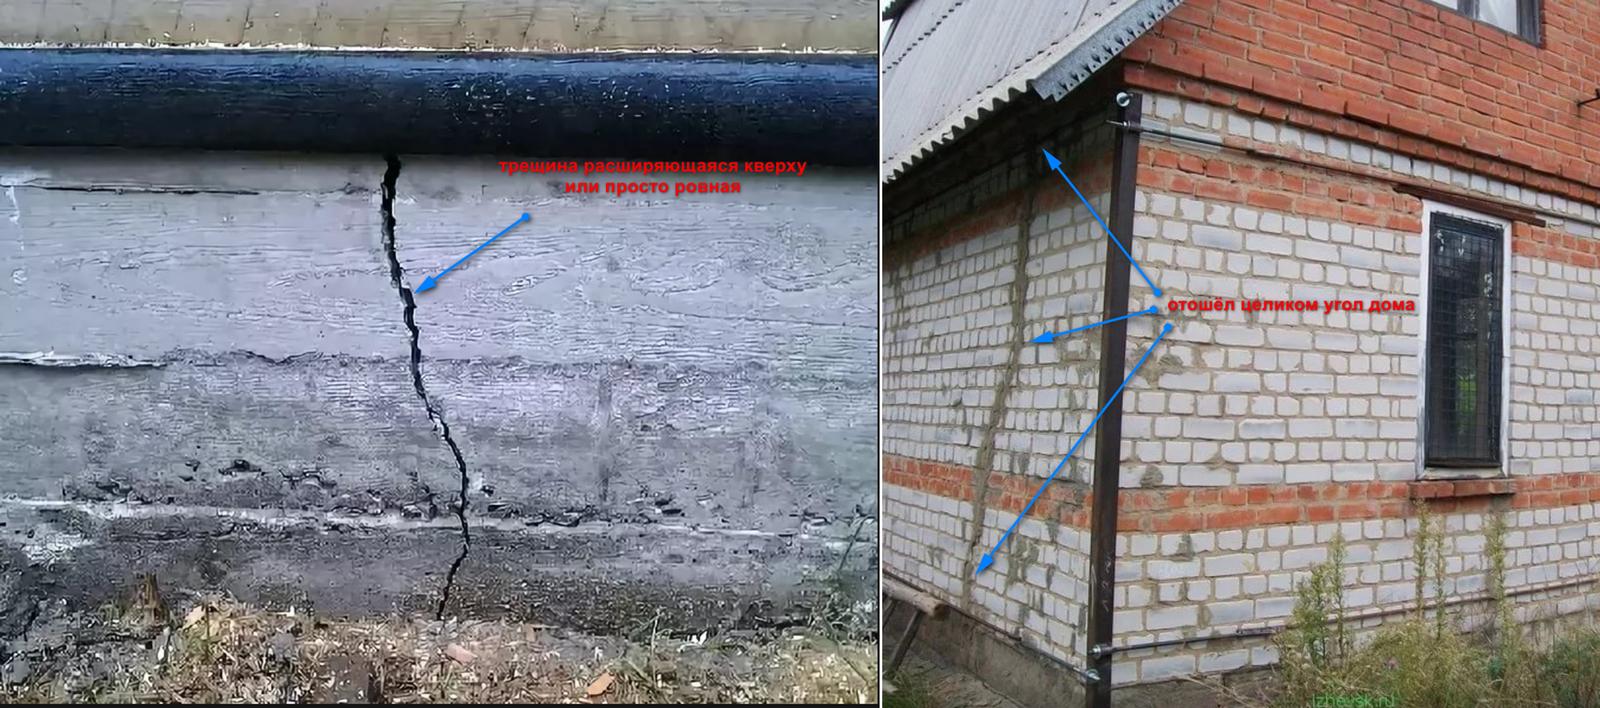 Типичные ошибки при проектировании и строительстве загородного дома